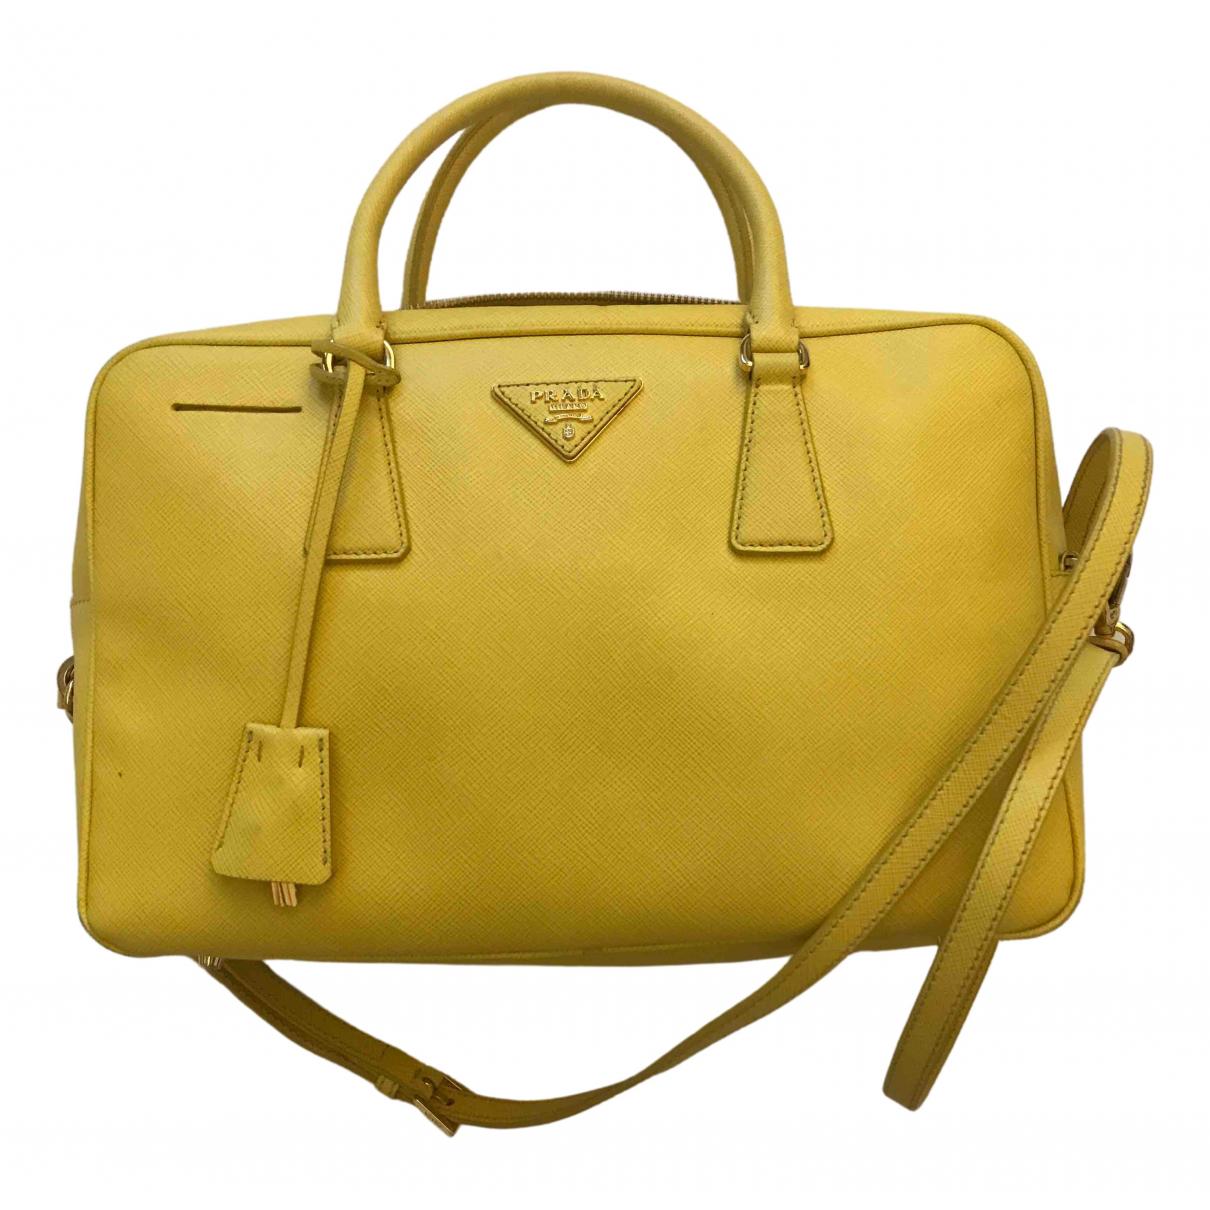 Prada saffiano  Handtasche in  Gelb Leder